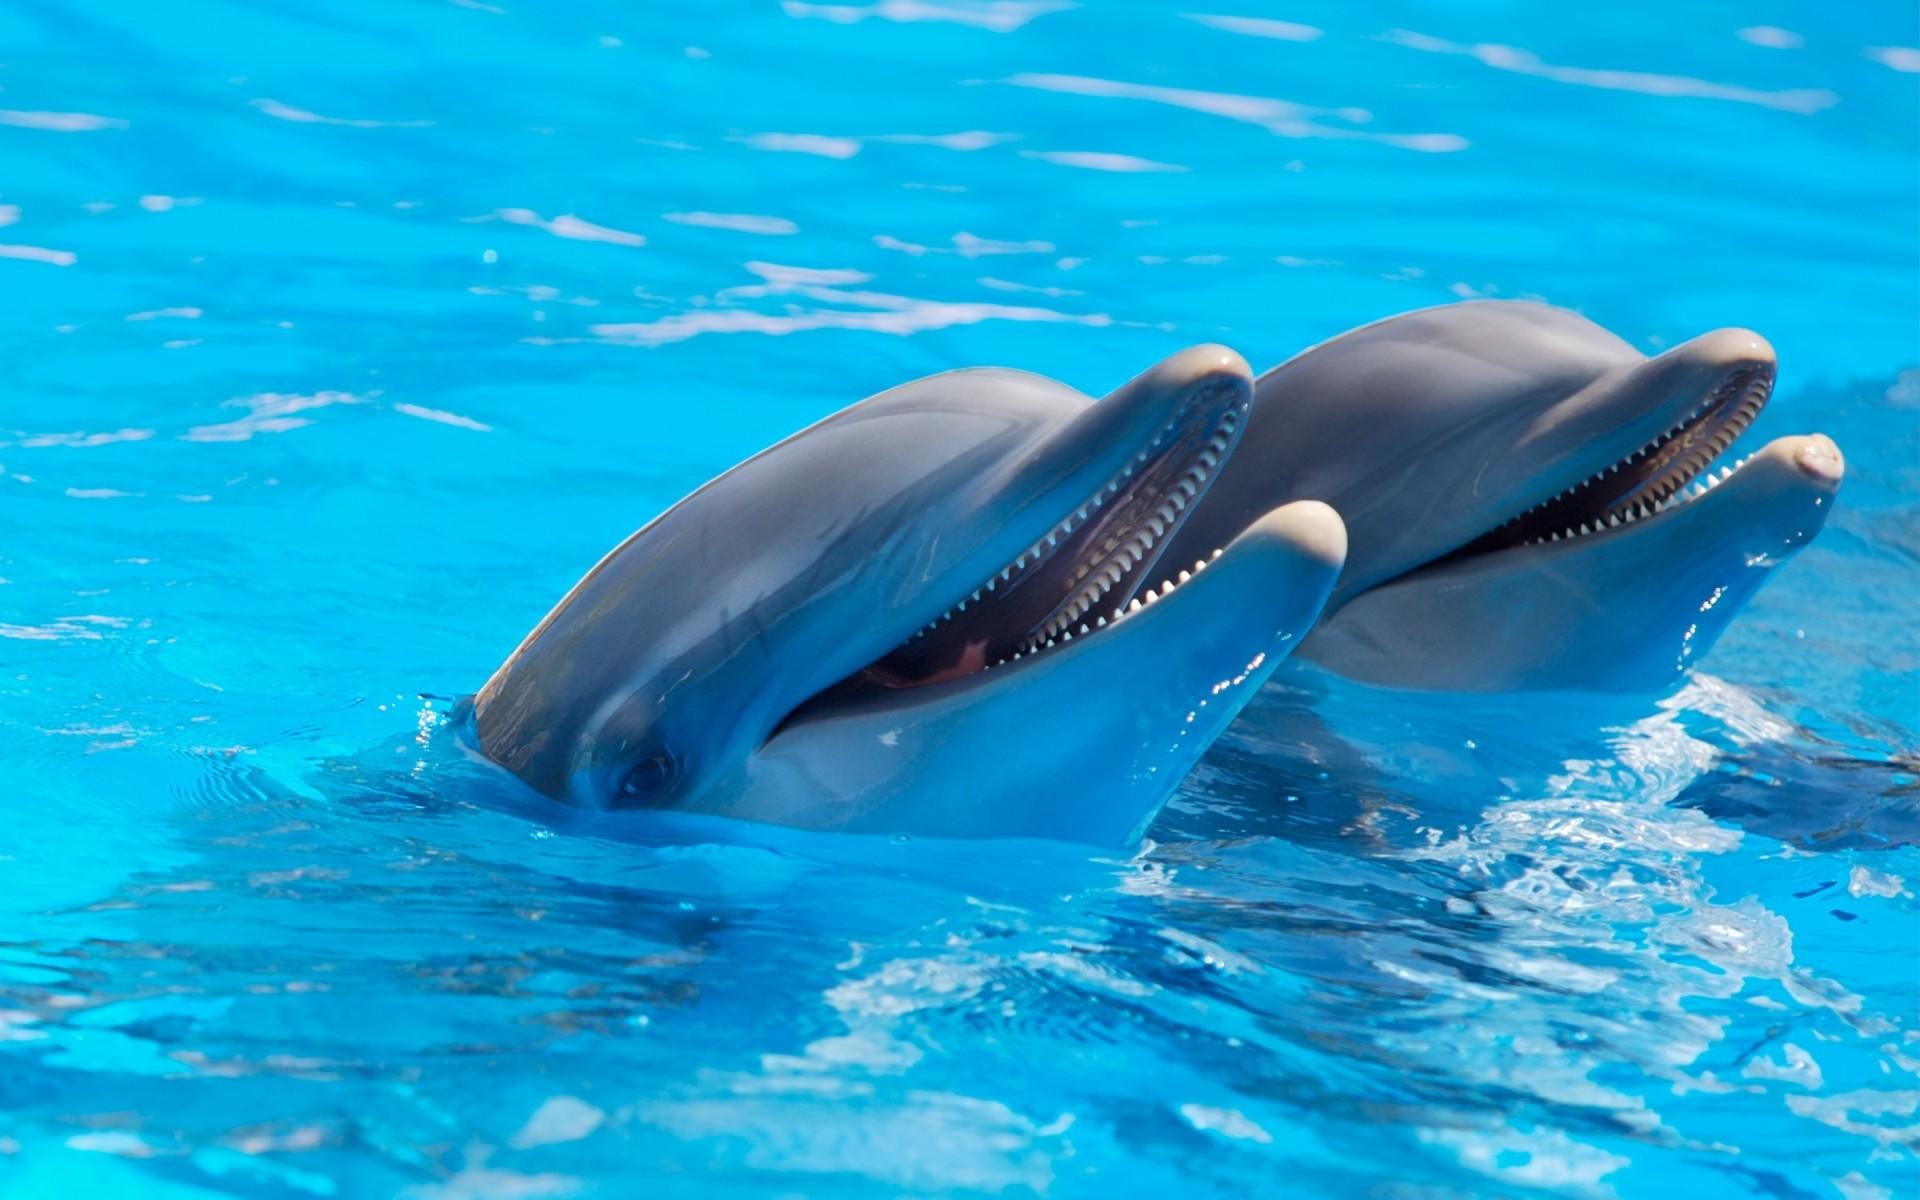 Фото с дельфинами на рабочий стол